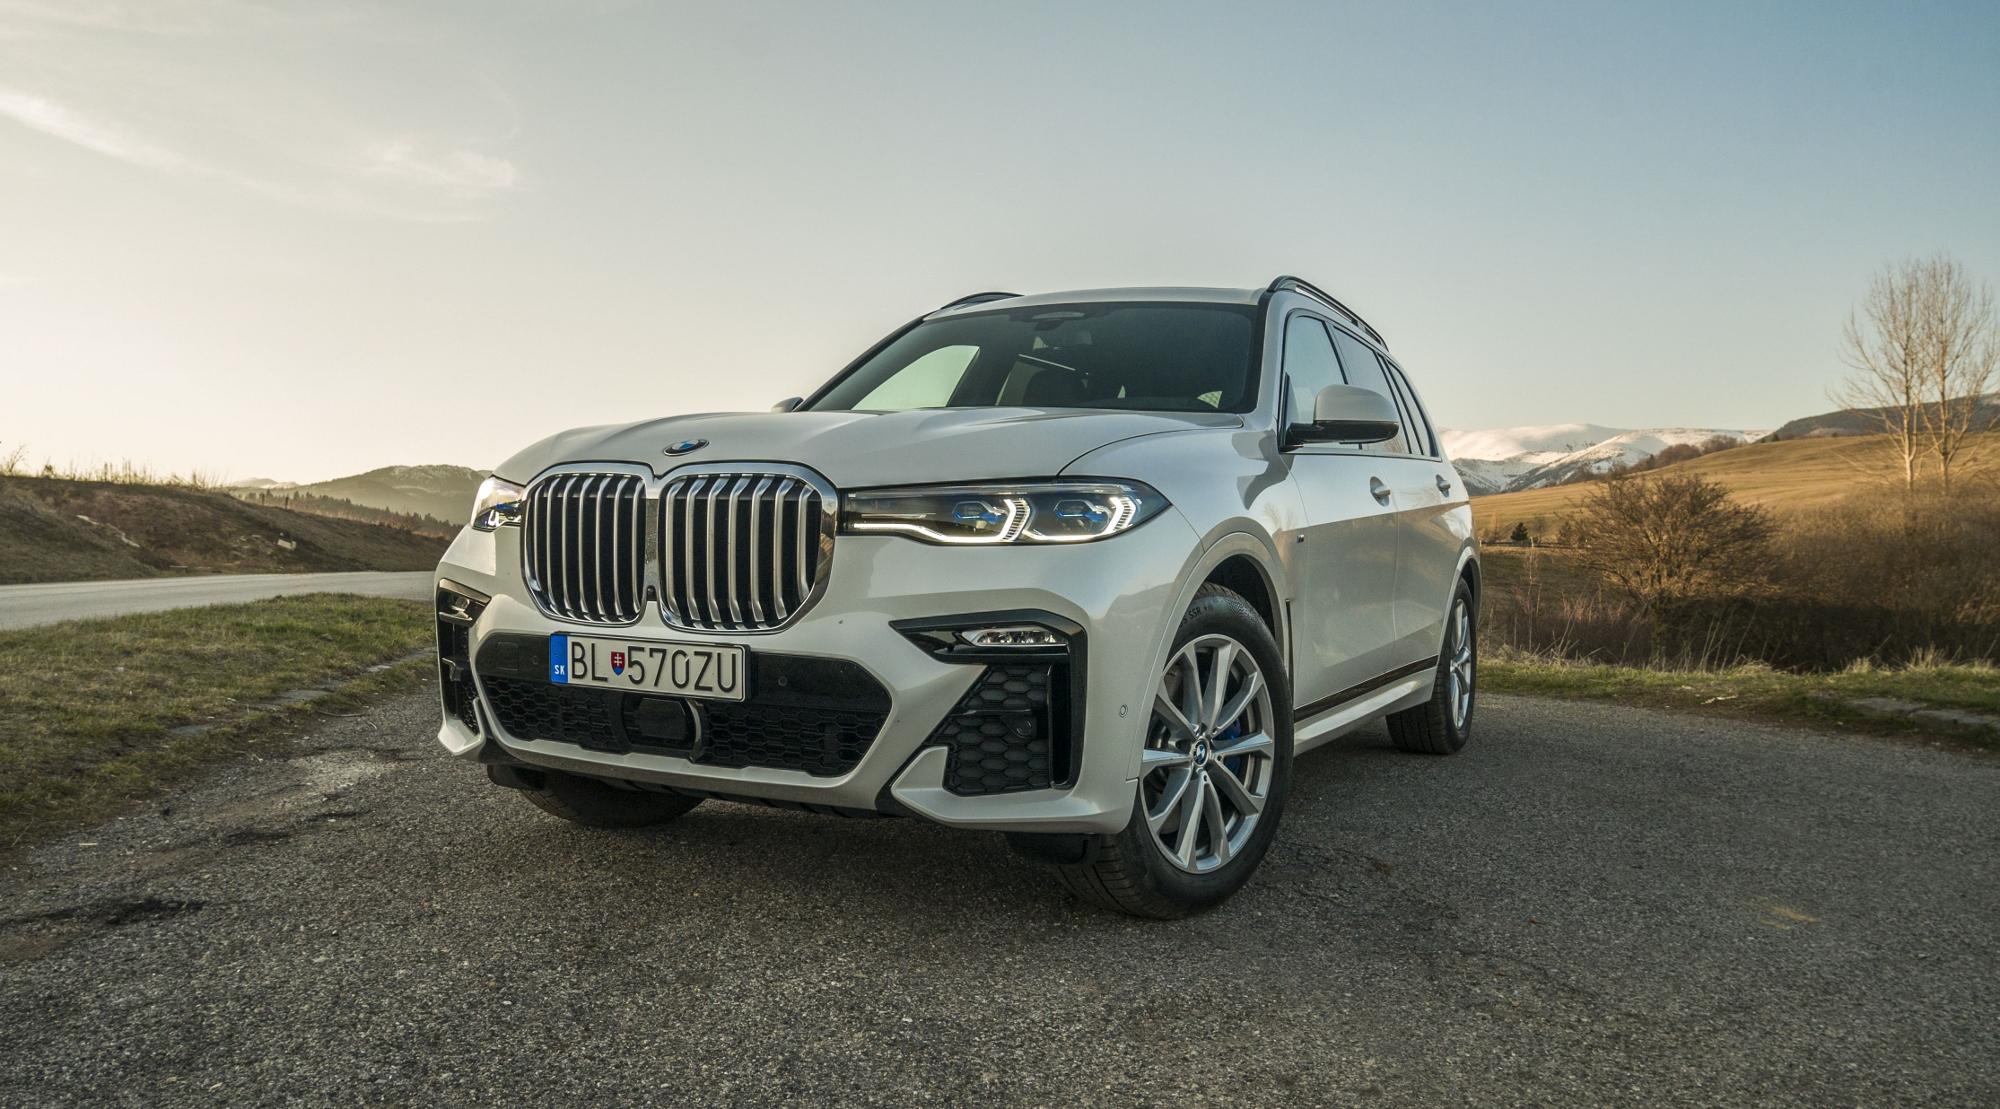 Test BMW X7 30d: Tank na kolesách prekvapil nízkou spotrebou na diaľnici